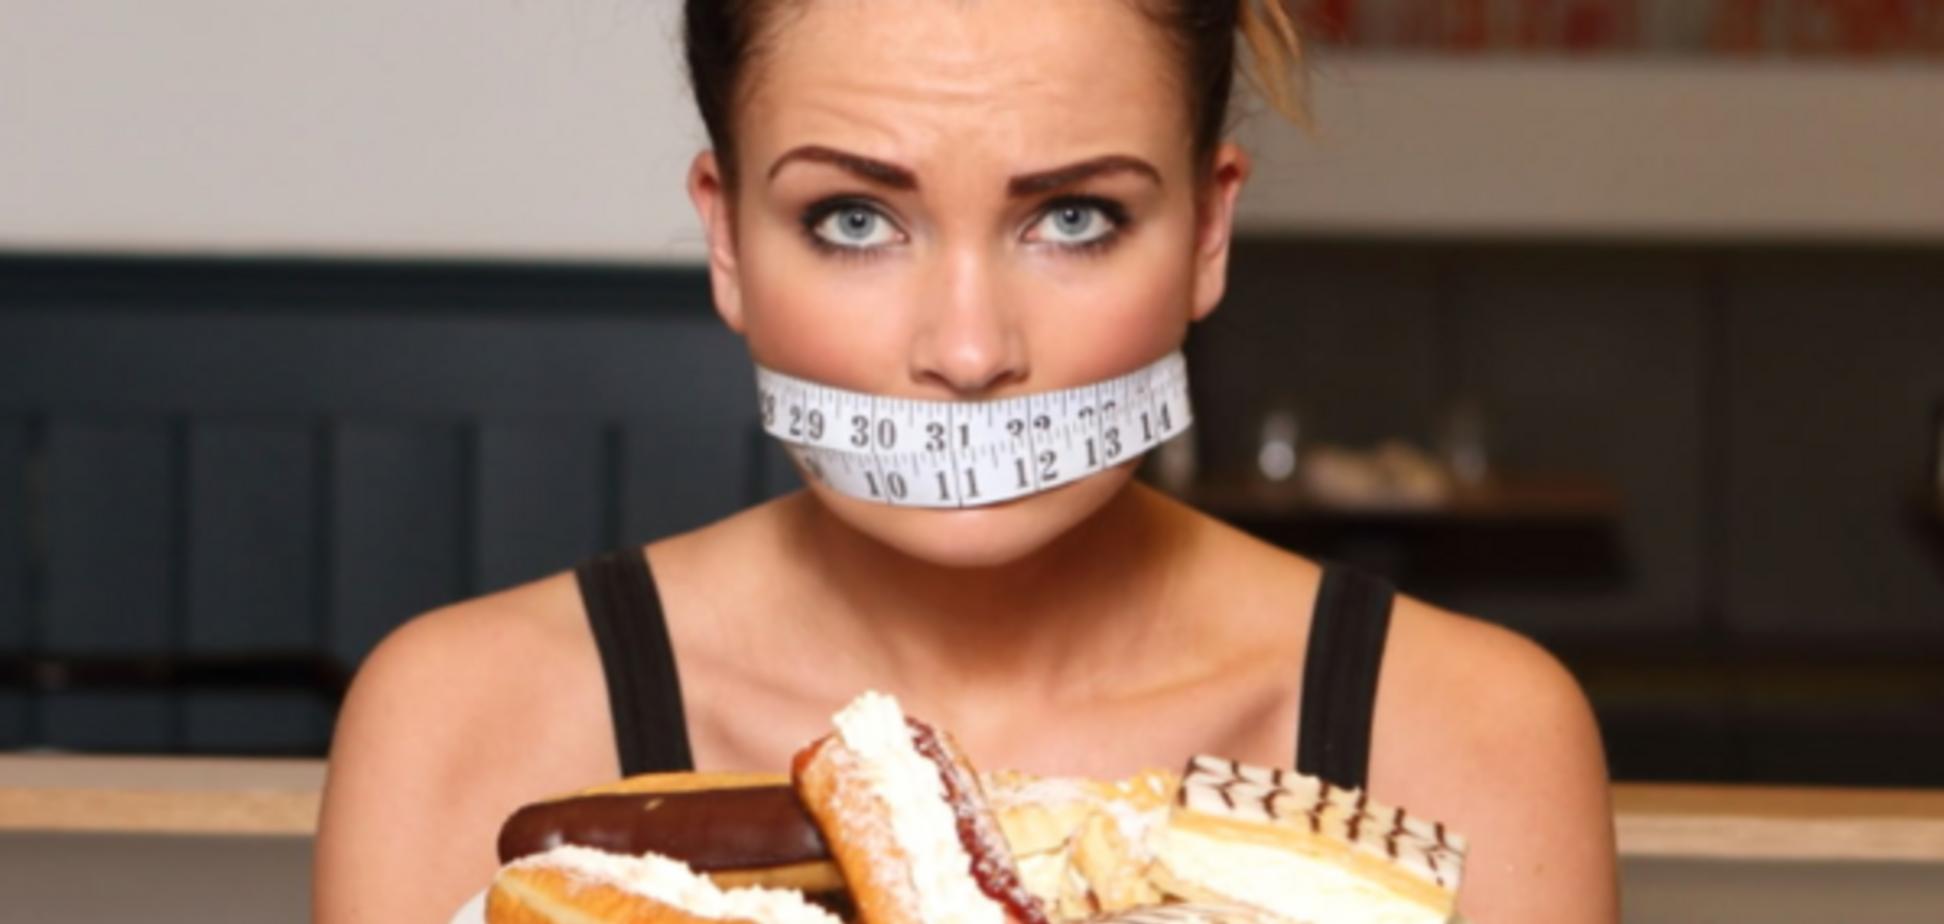 Диета, которая убивает: названа серьезная опасность популярного рациона питания